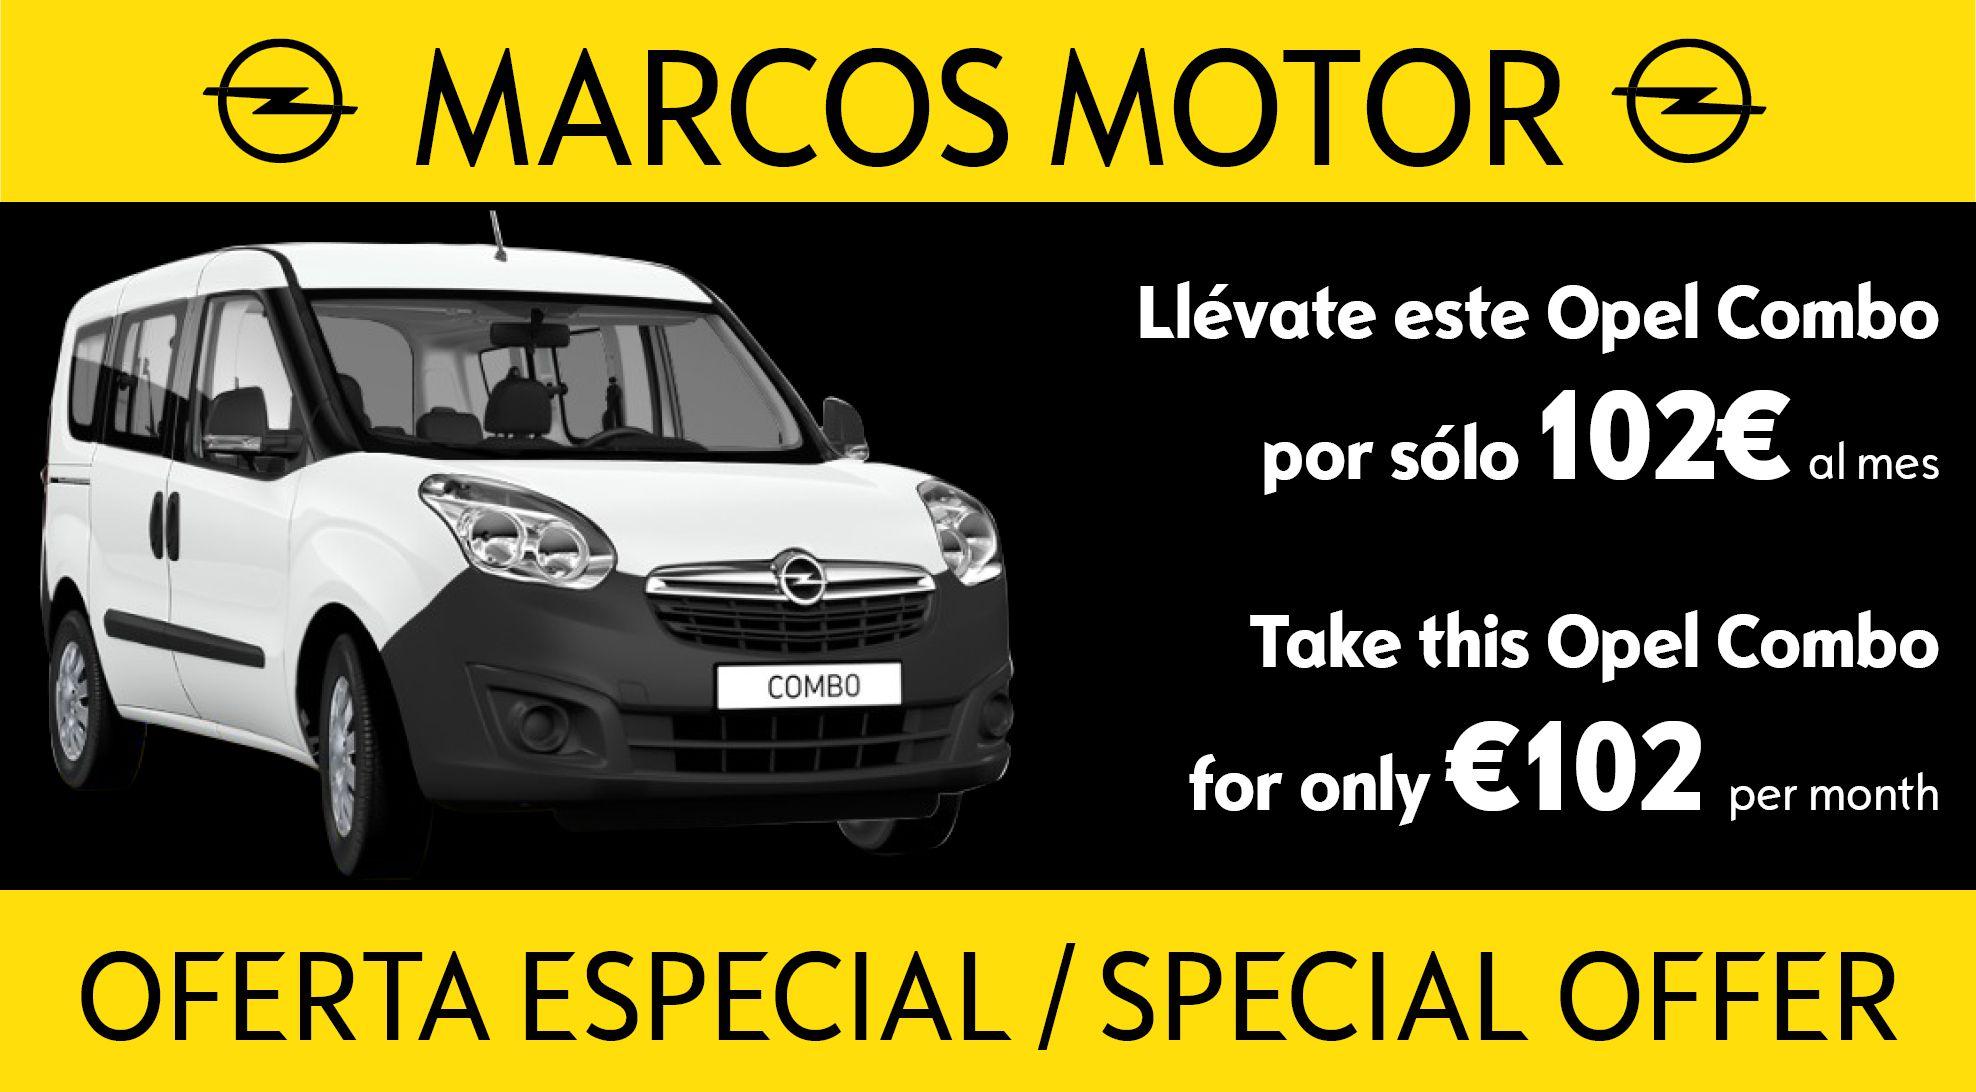 Oferta Opel Combo 102€ al mes